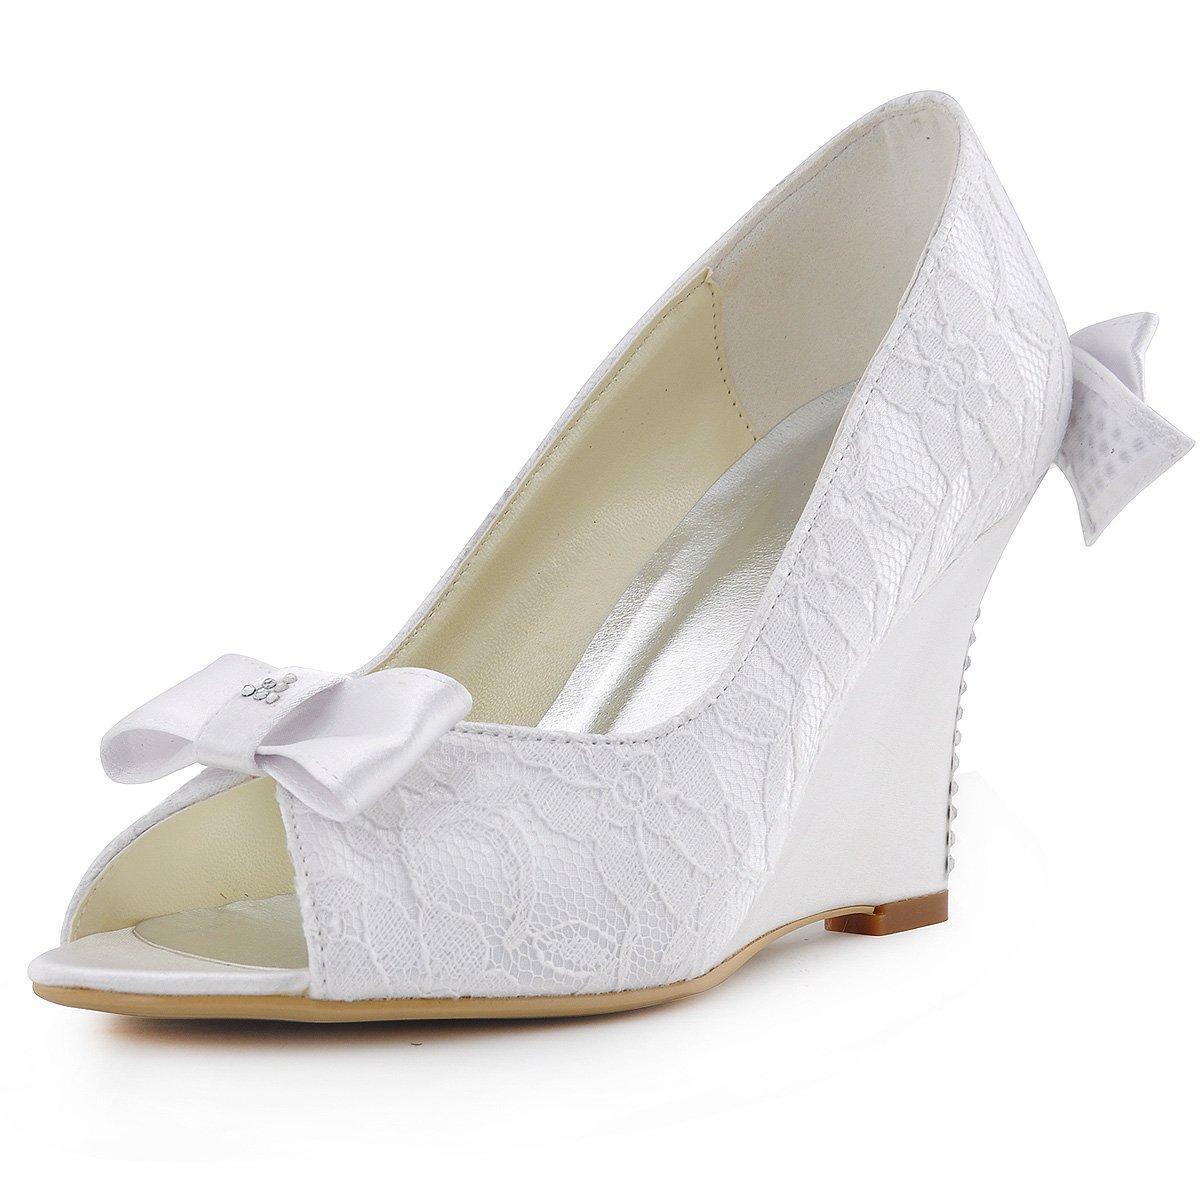 ElegantPark WP1414 Mujer Cordones Satén Peep Toe Arcos Rhinestones Cuñas El tacón Alto Bombas Zapatos De Novia 35 EU|Ivoire